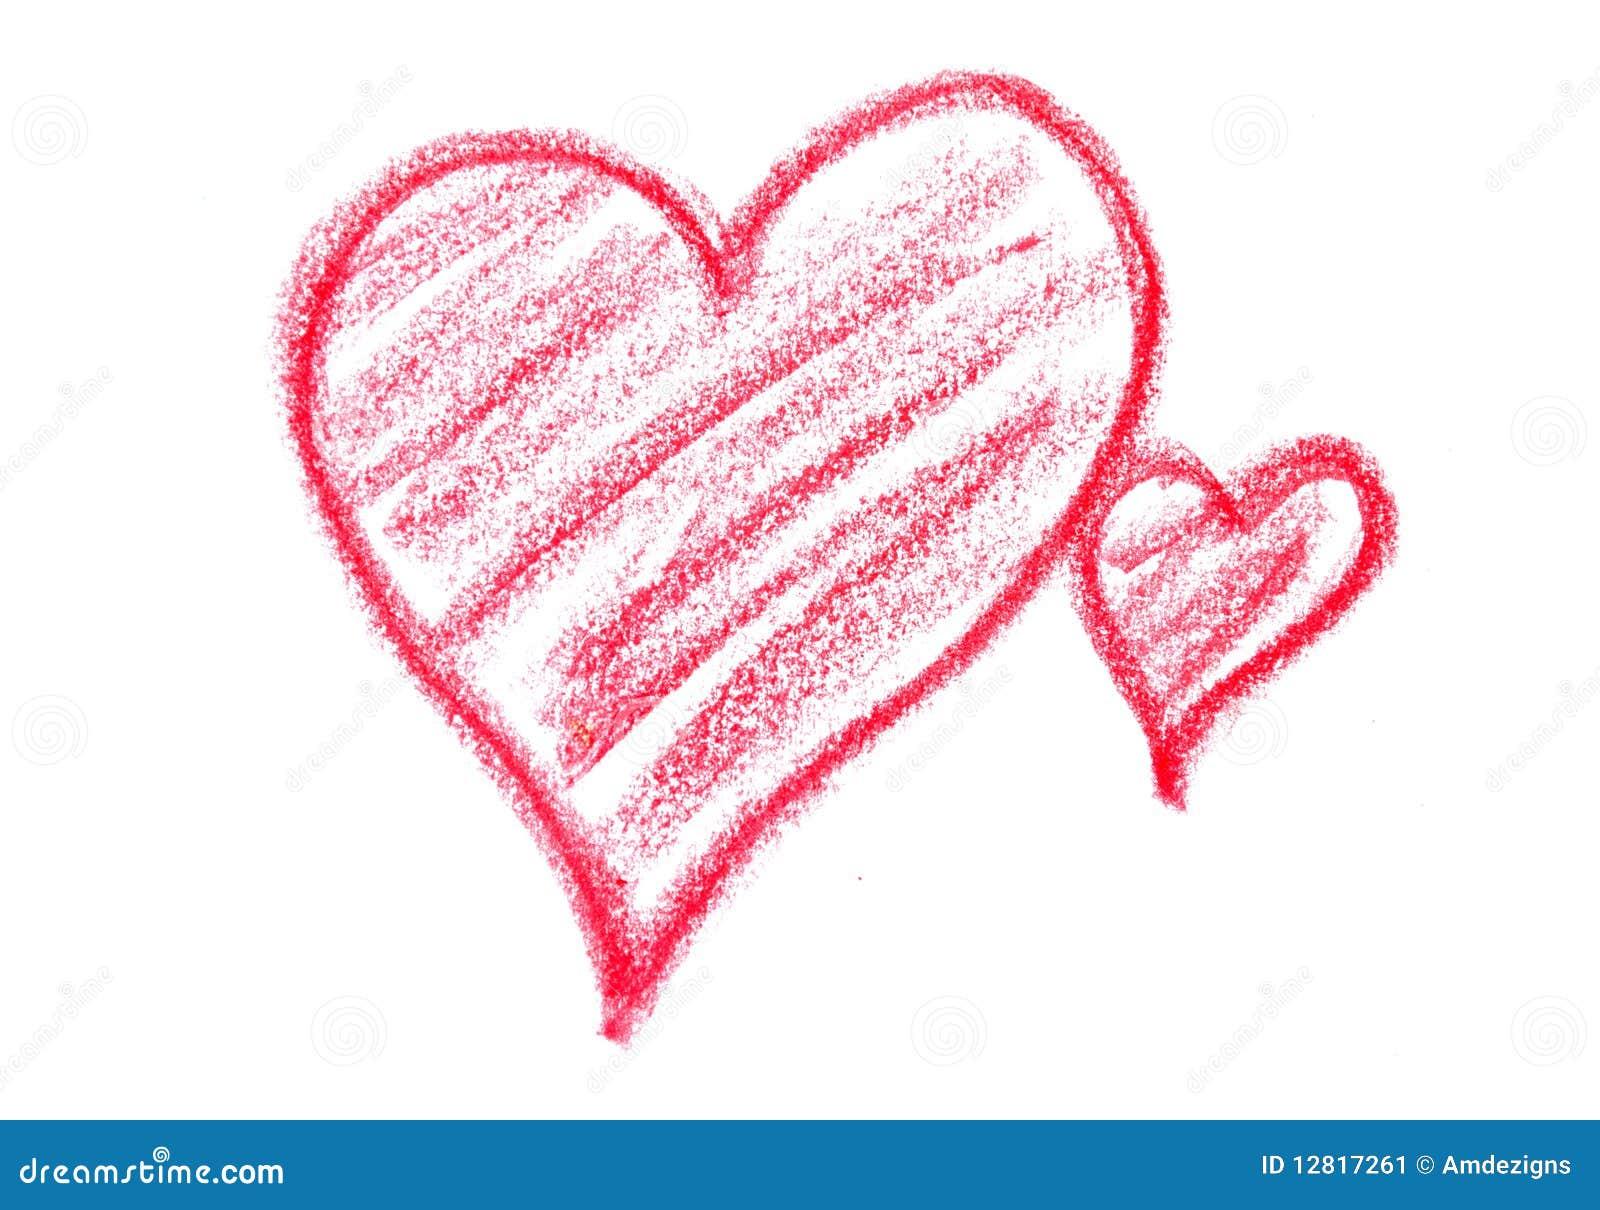 Crayon Hearts Stock Image Image 12817261